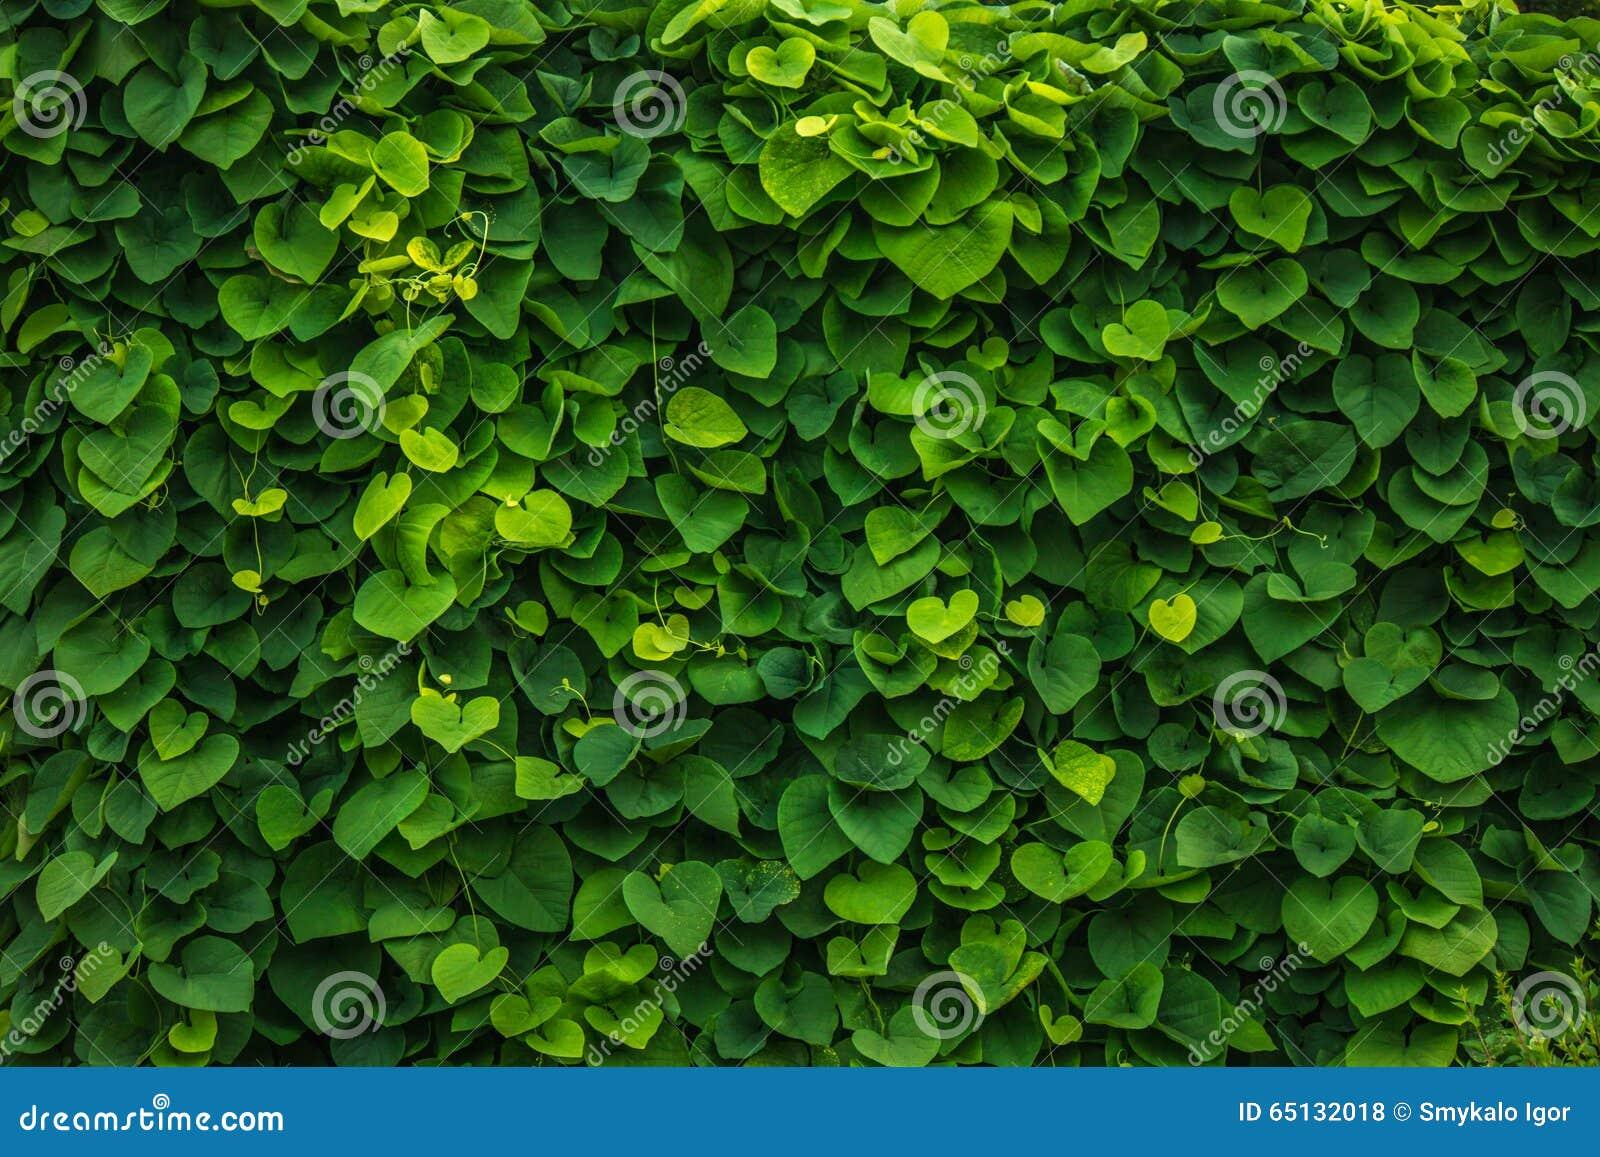 Grüner Zaun Stockfoto Bild